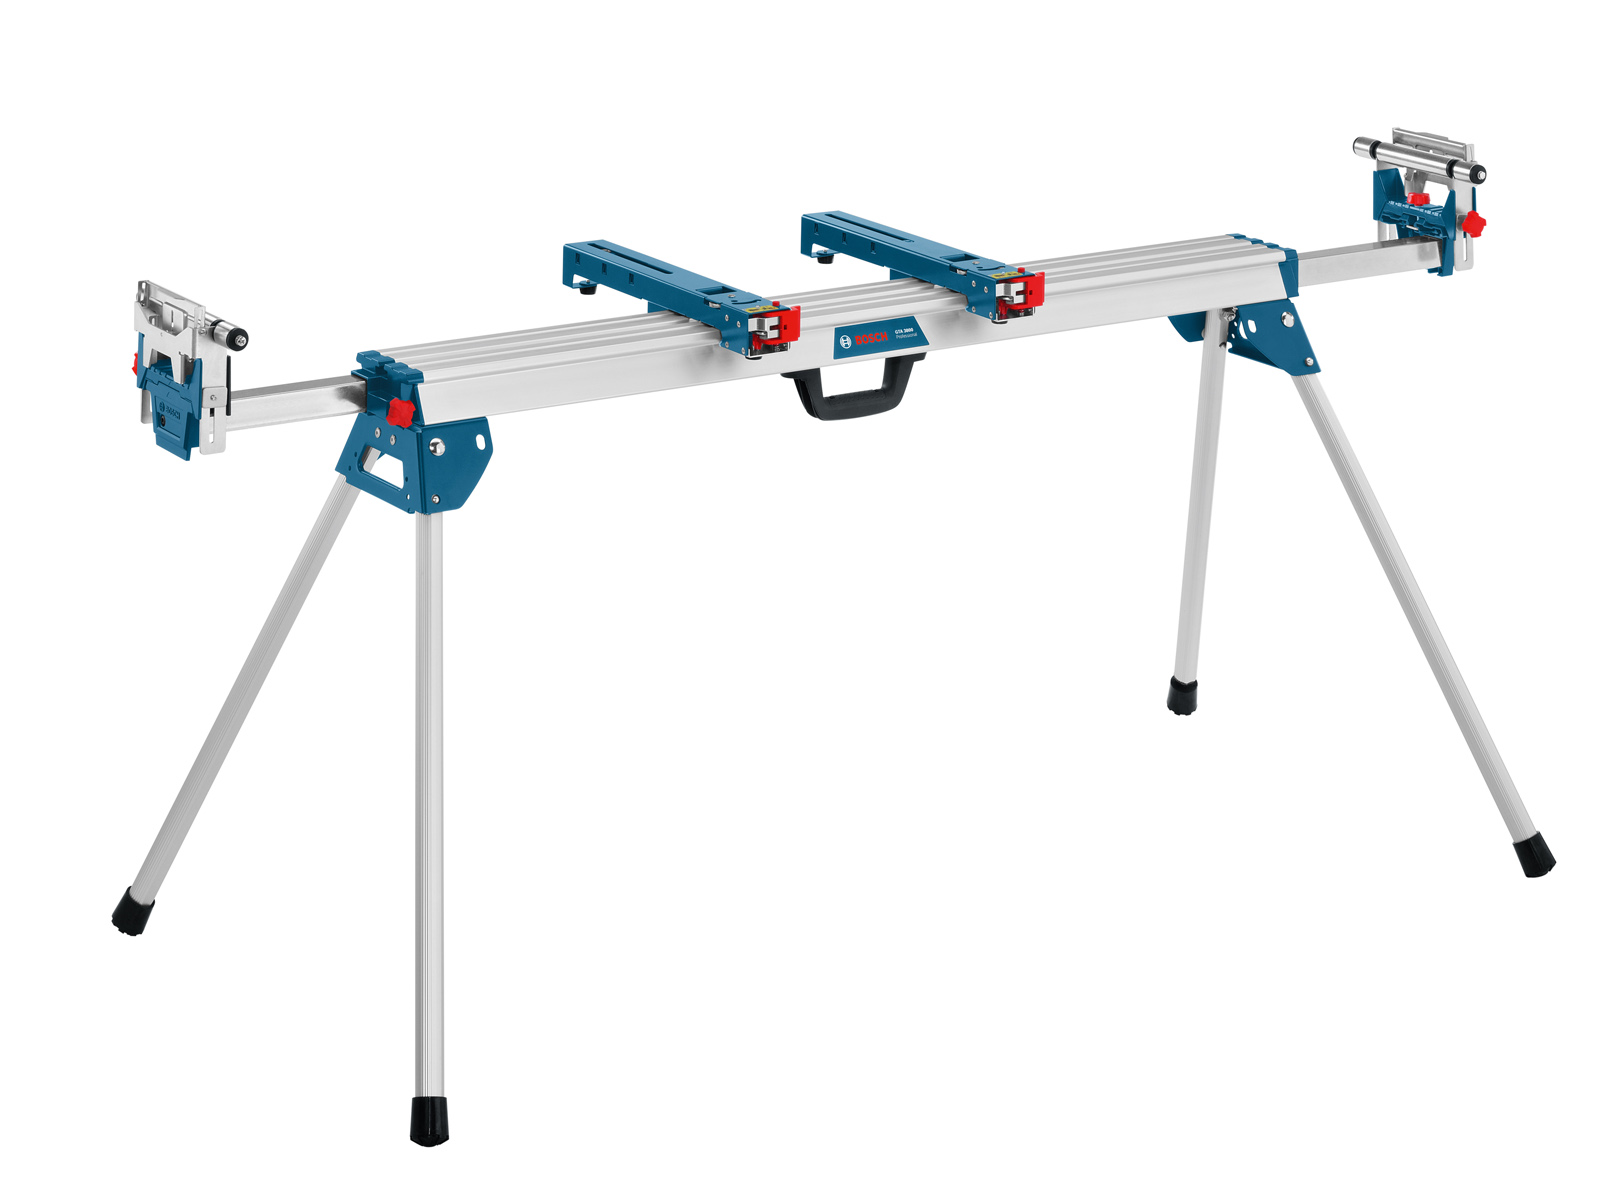 Верстак металлический столярный складной Bosch Gta 3800 стол